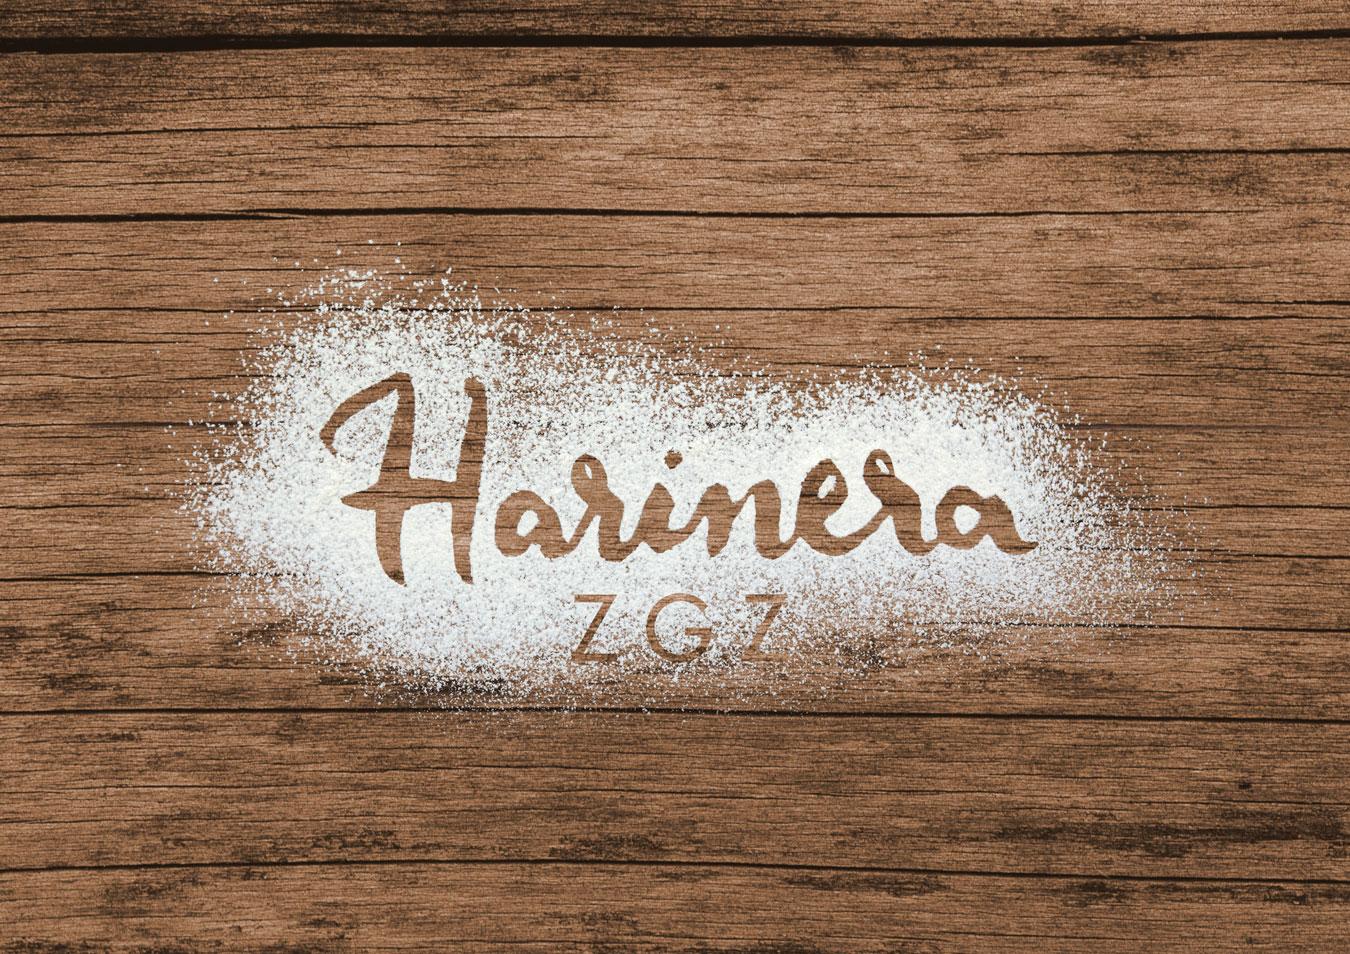 logotipo Harinera ZGZ por Estudio Mique